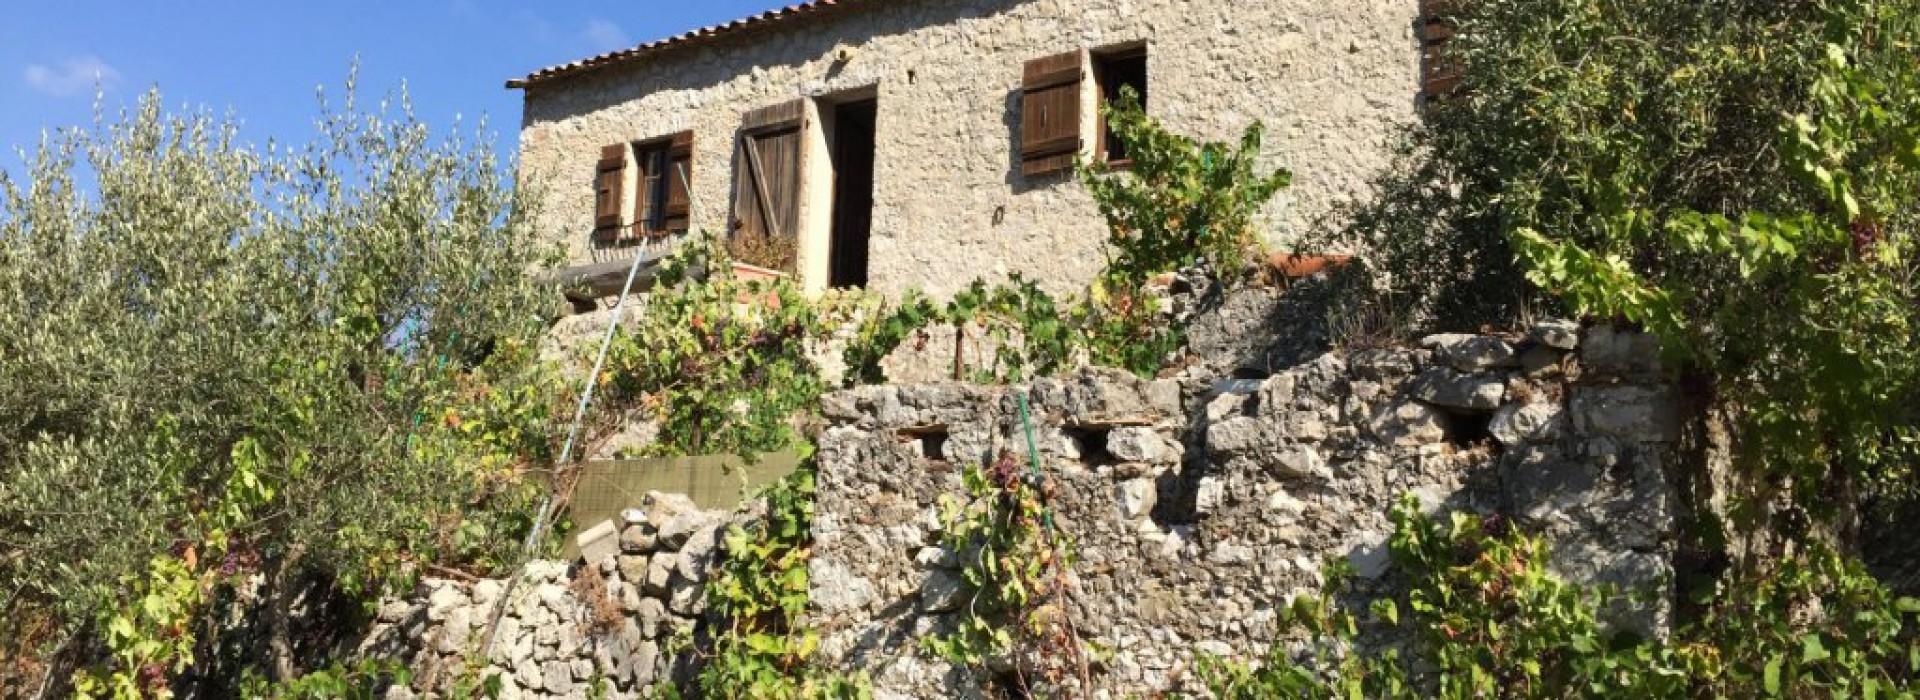 Maison Nice 4 Pièces 90m2 600,000€